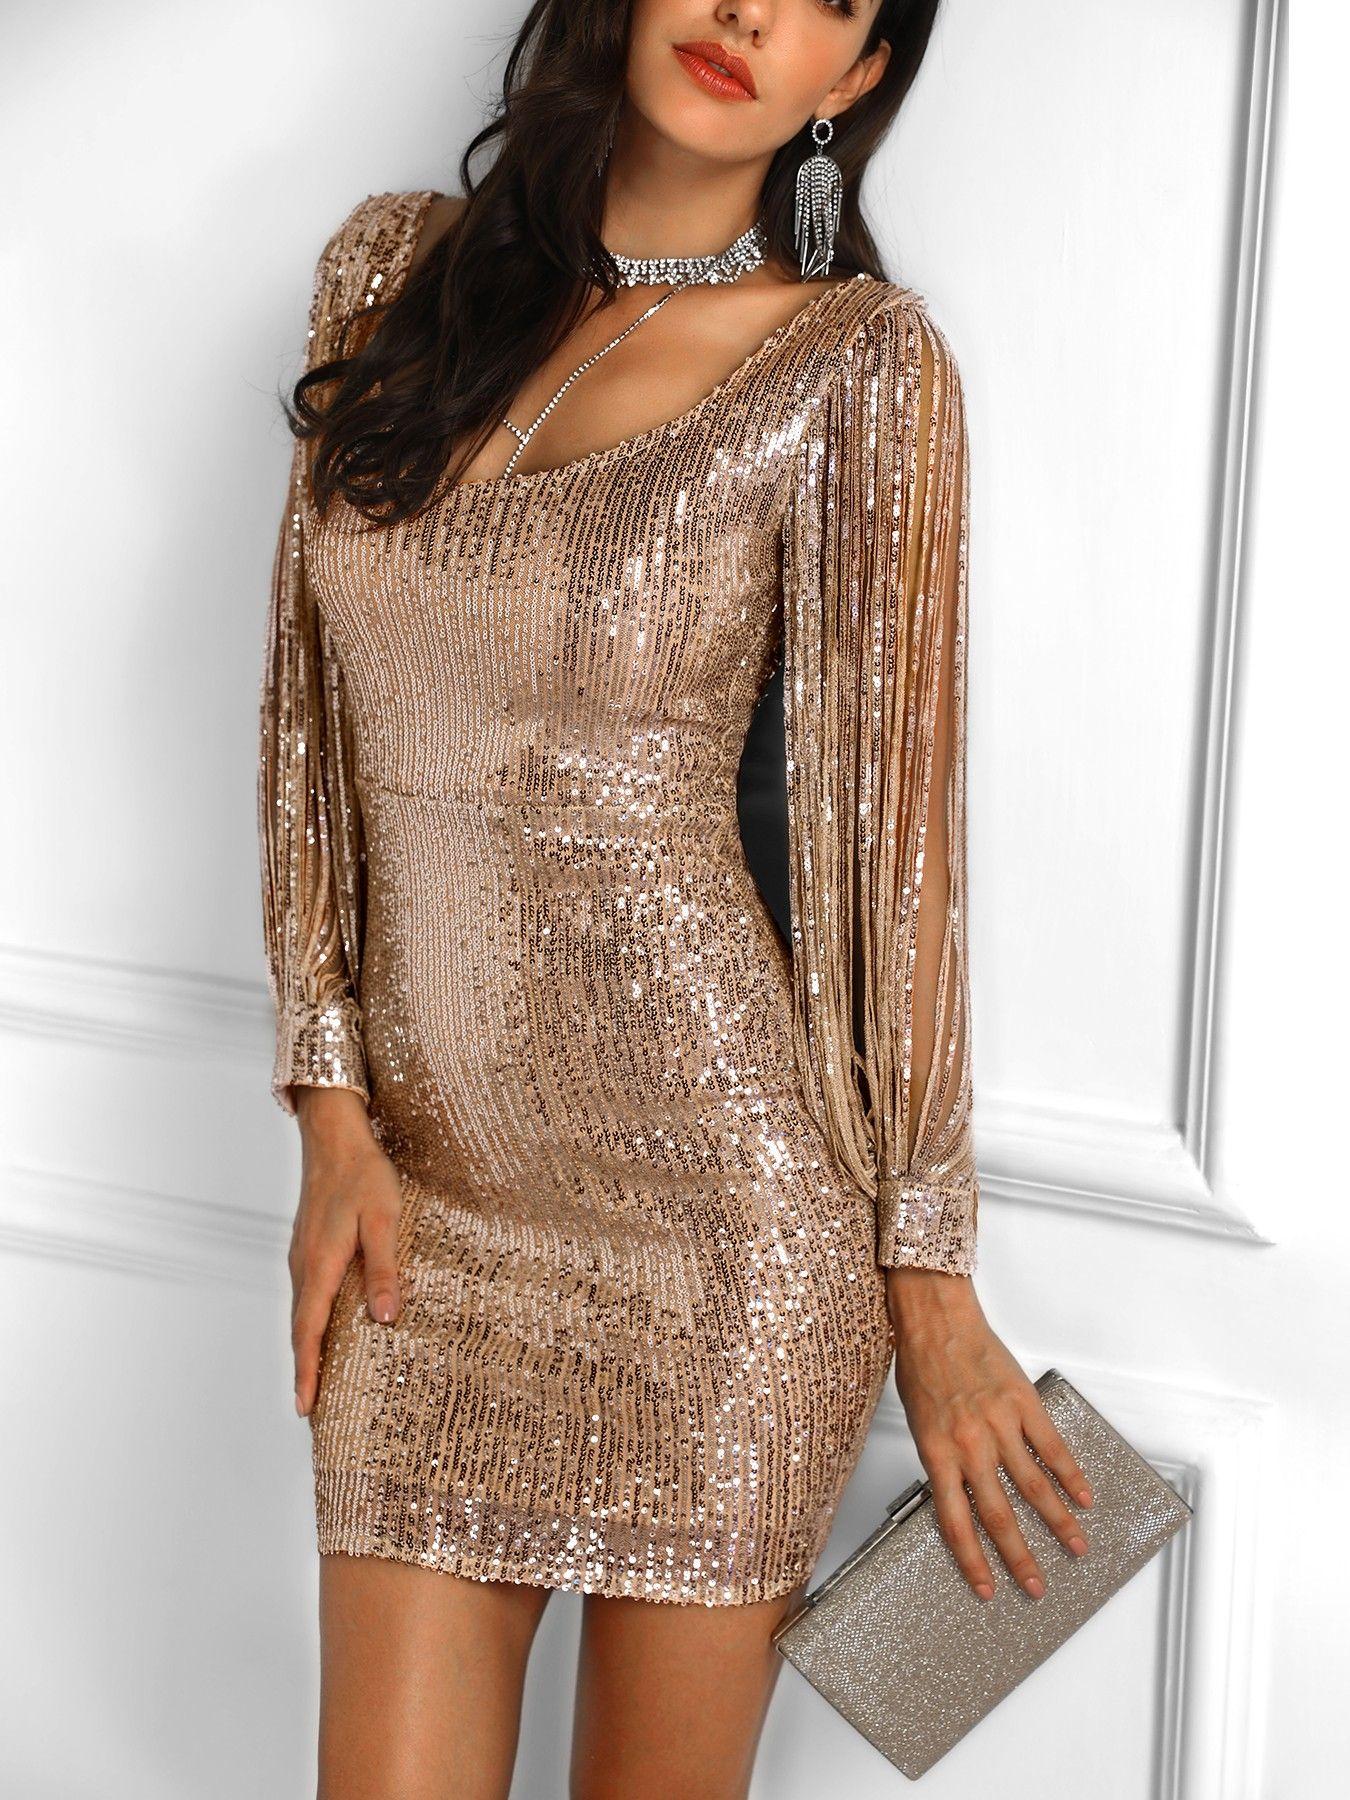 f27eea5502 Tassels Detail Slit Sleeve Sequin Party Dress (S M L XL)  61.99 ...